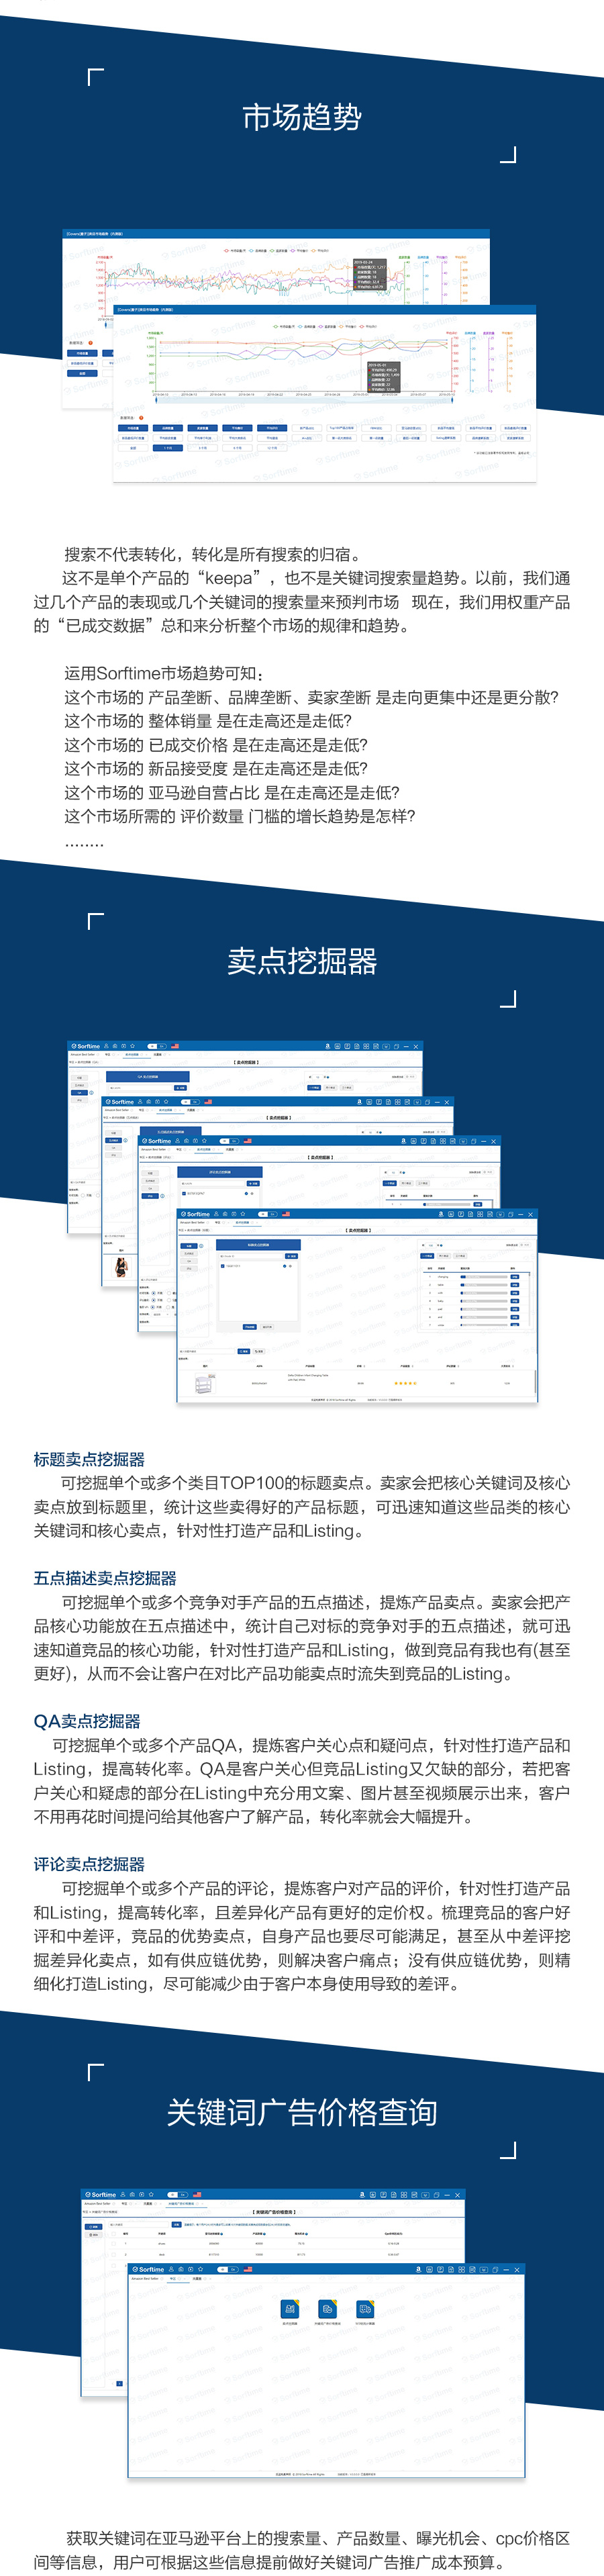 软件介绍3.jpg